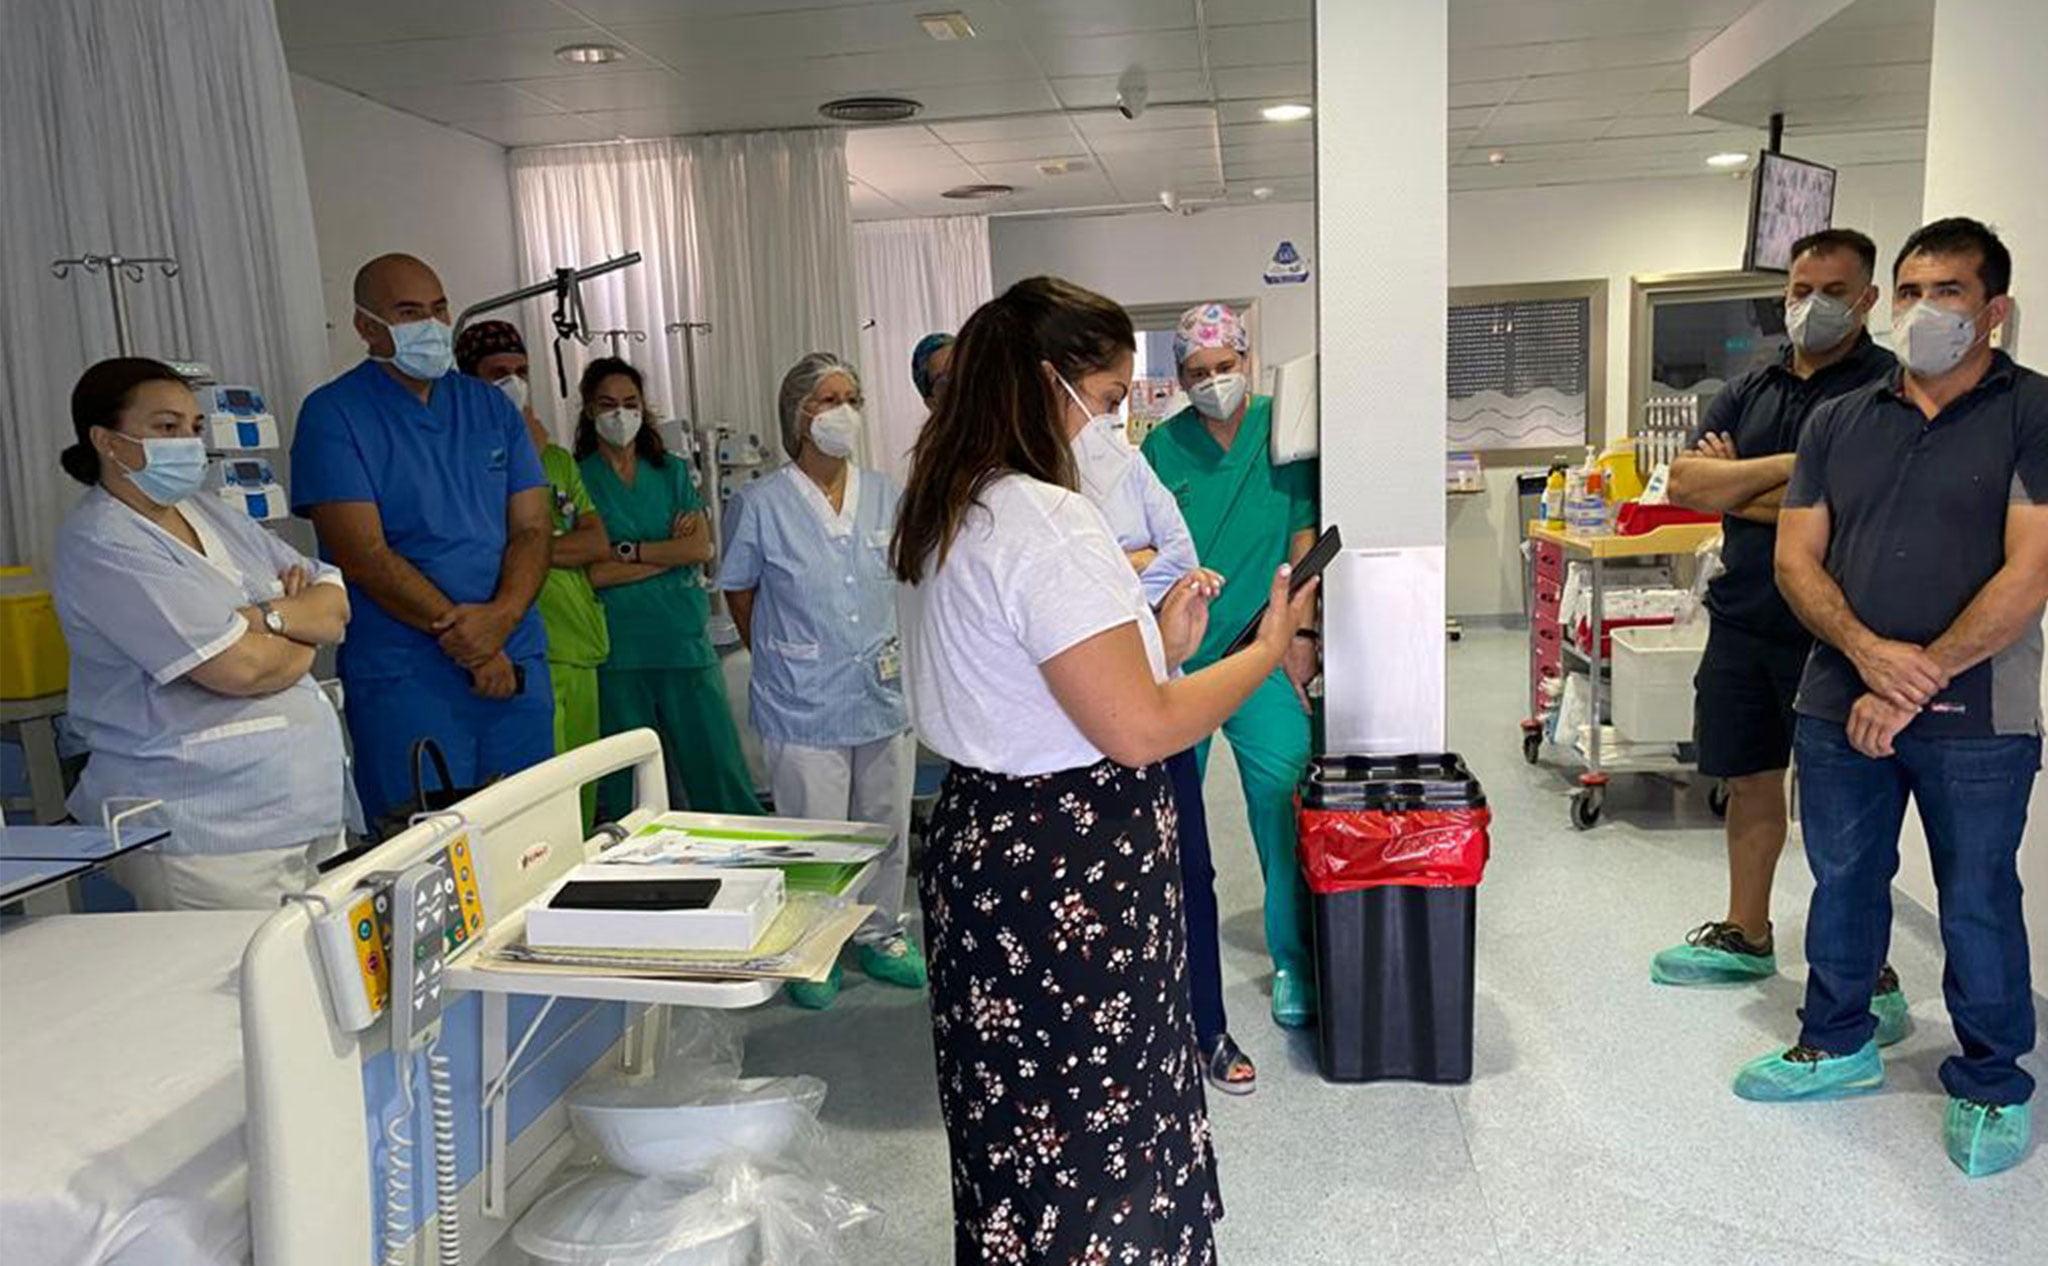 Formación del personal en el uso de la tecnología – Hospital Clínica Benidorm (HCB)